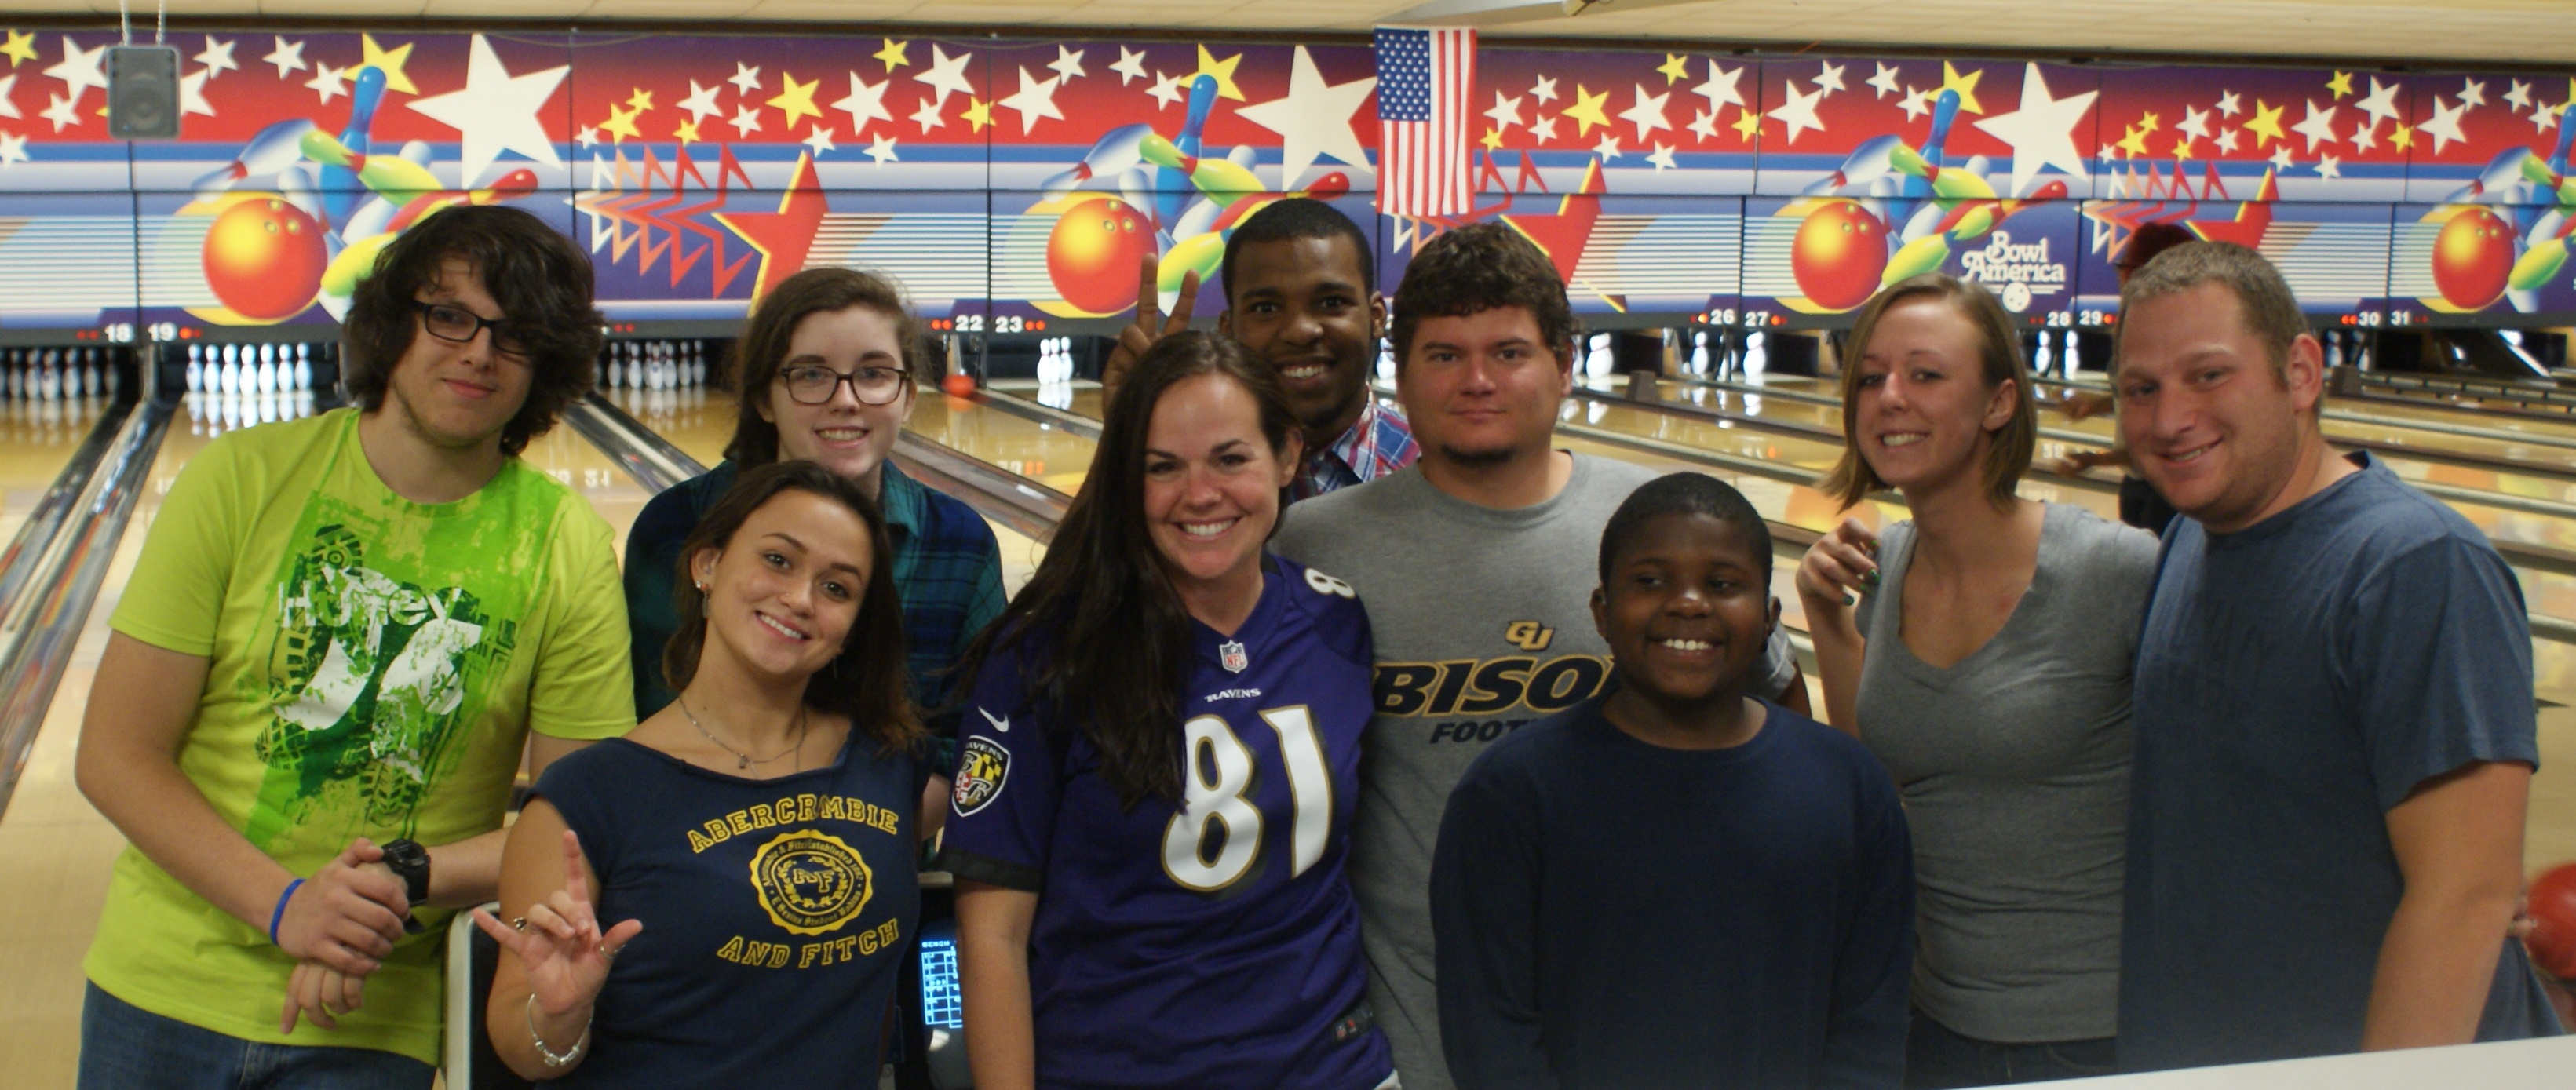 MCAHIC Bowling October 2014